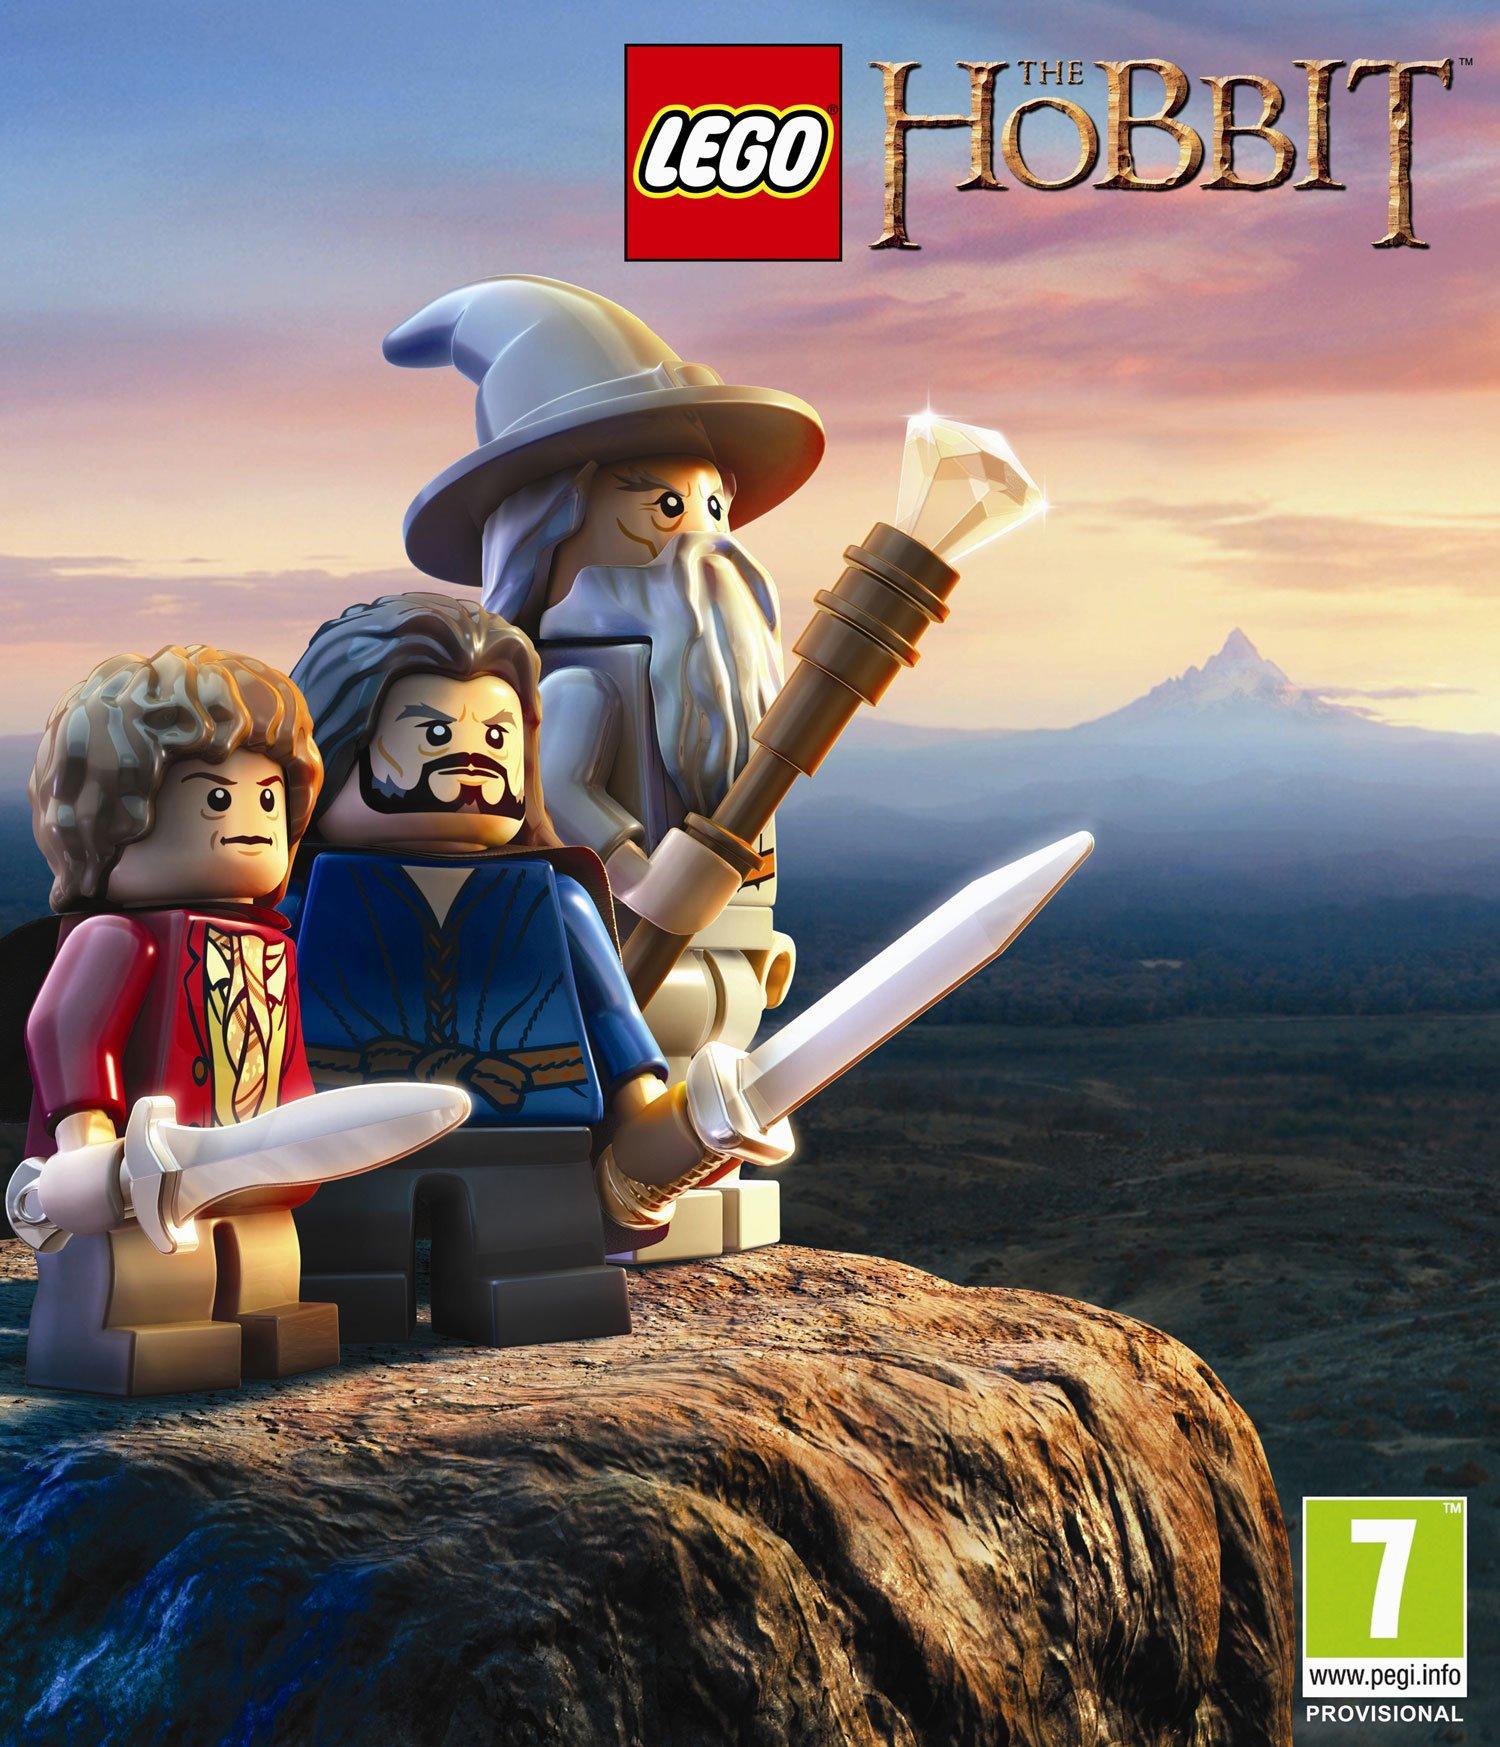 LEGO2511